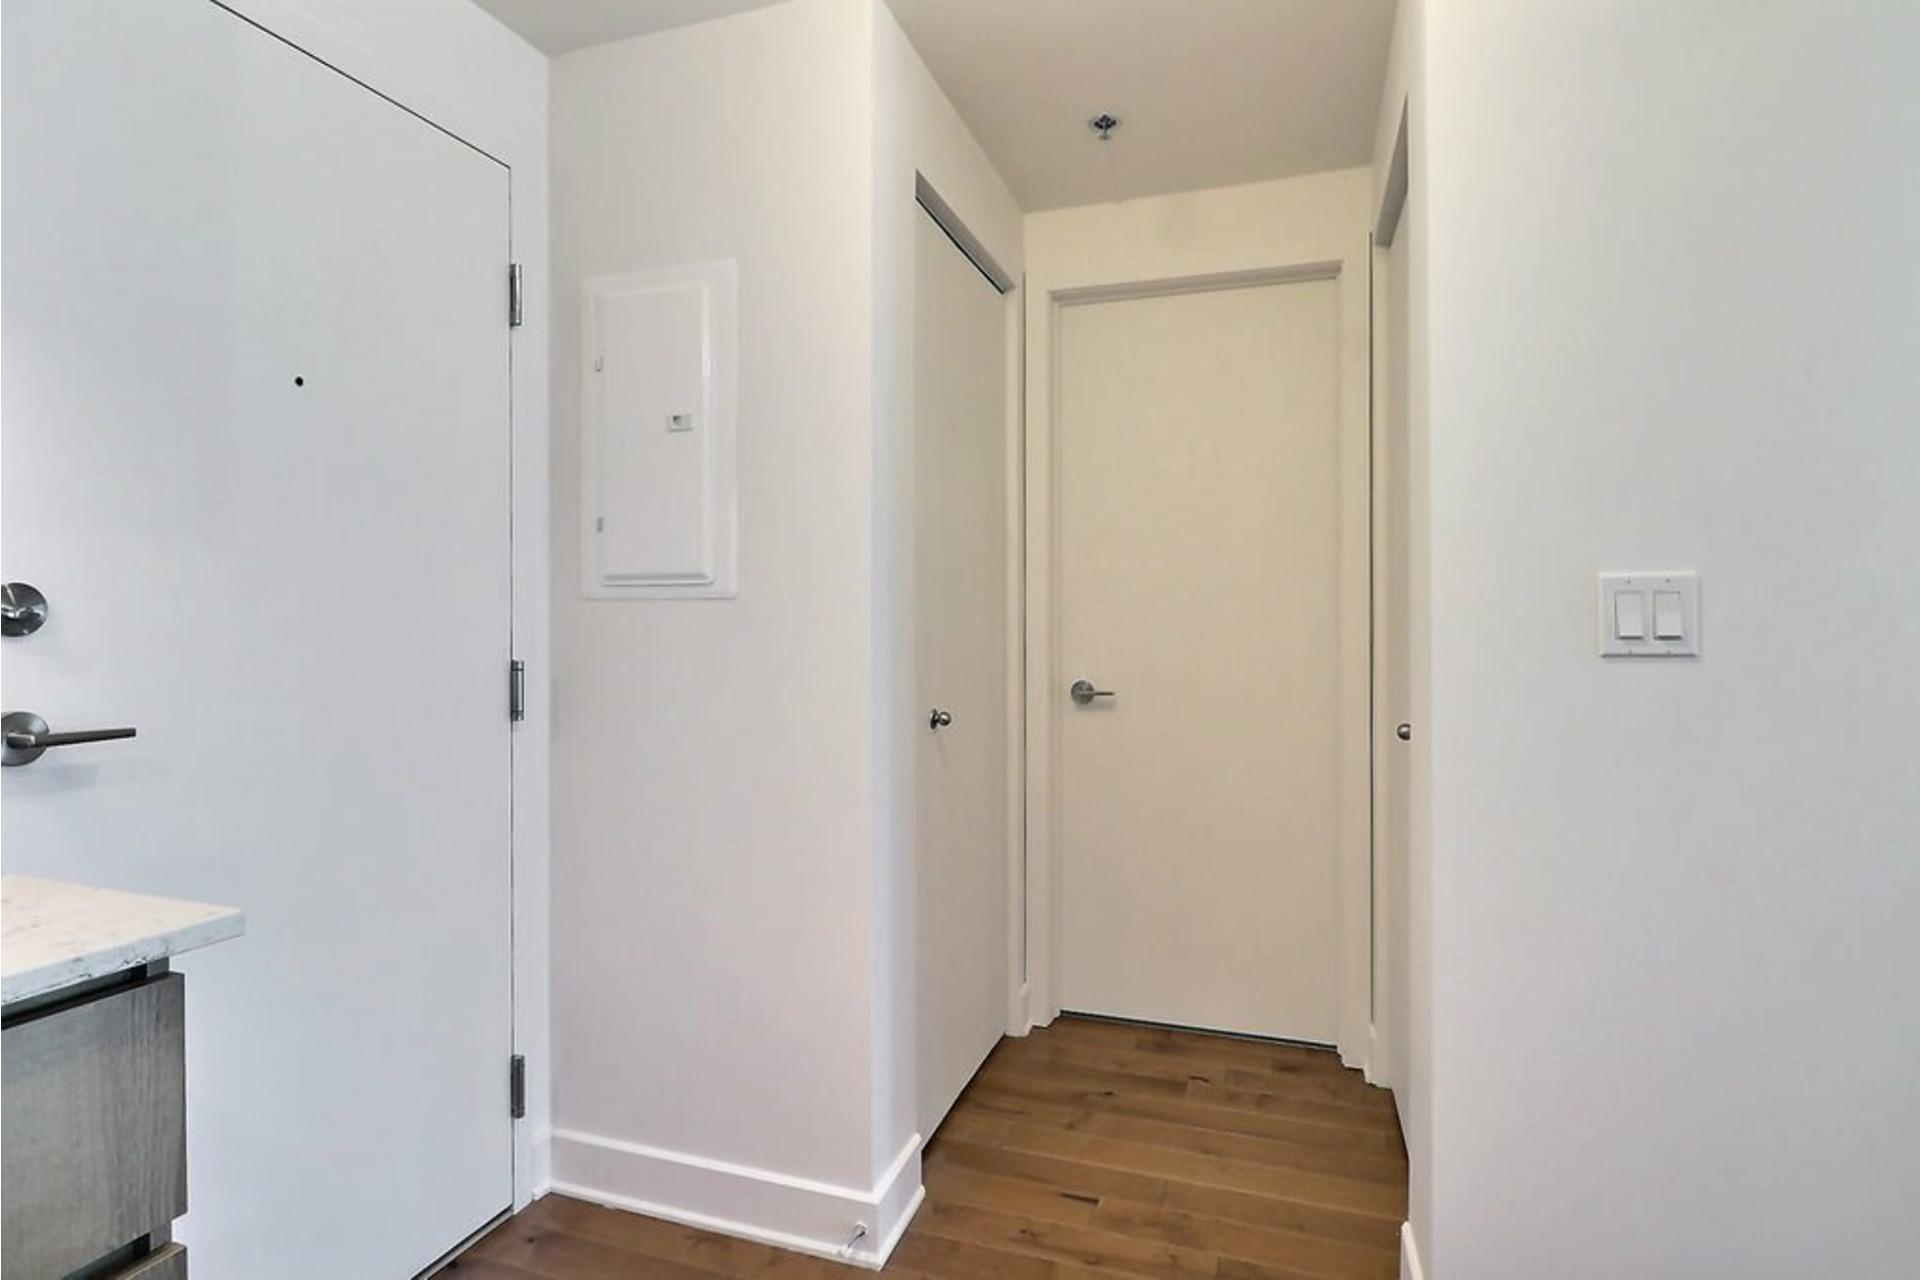 image 2 - Appartement À louer Le Sud-Ouest Montréal  - 1 pièce